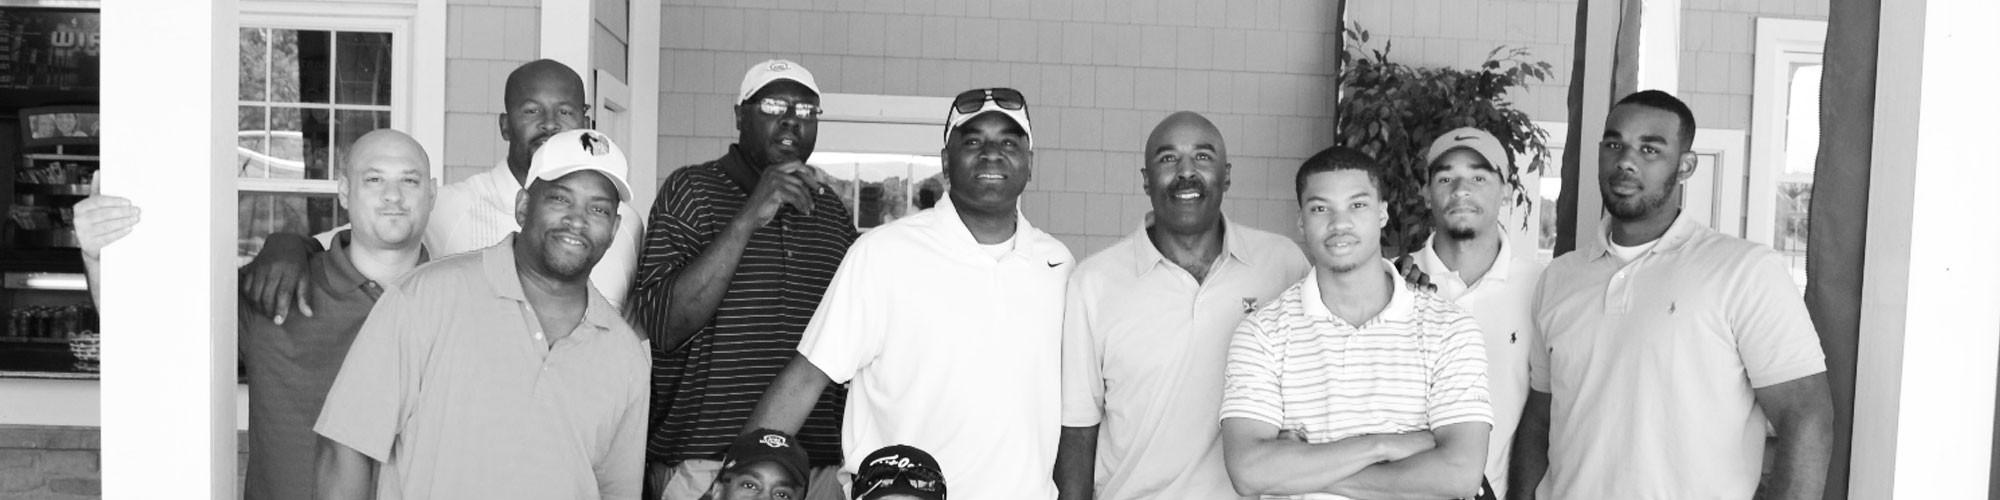 Rumph Golf Classic